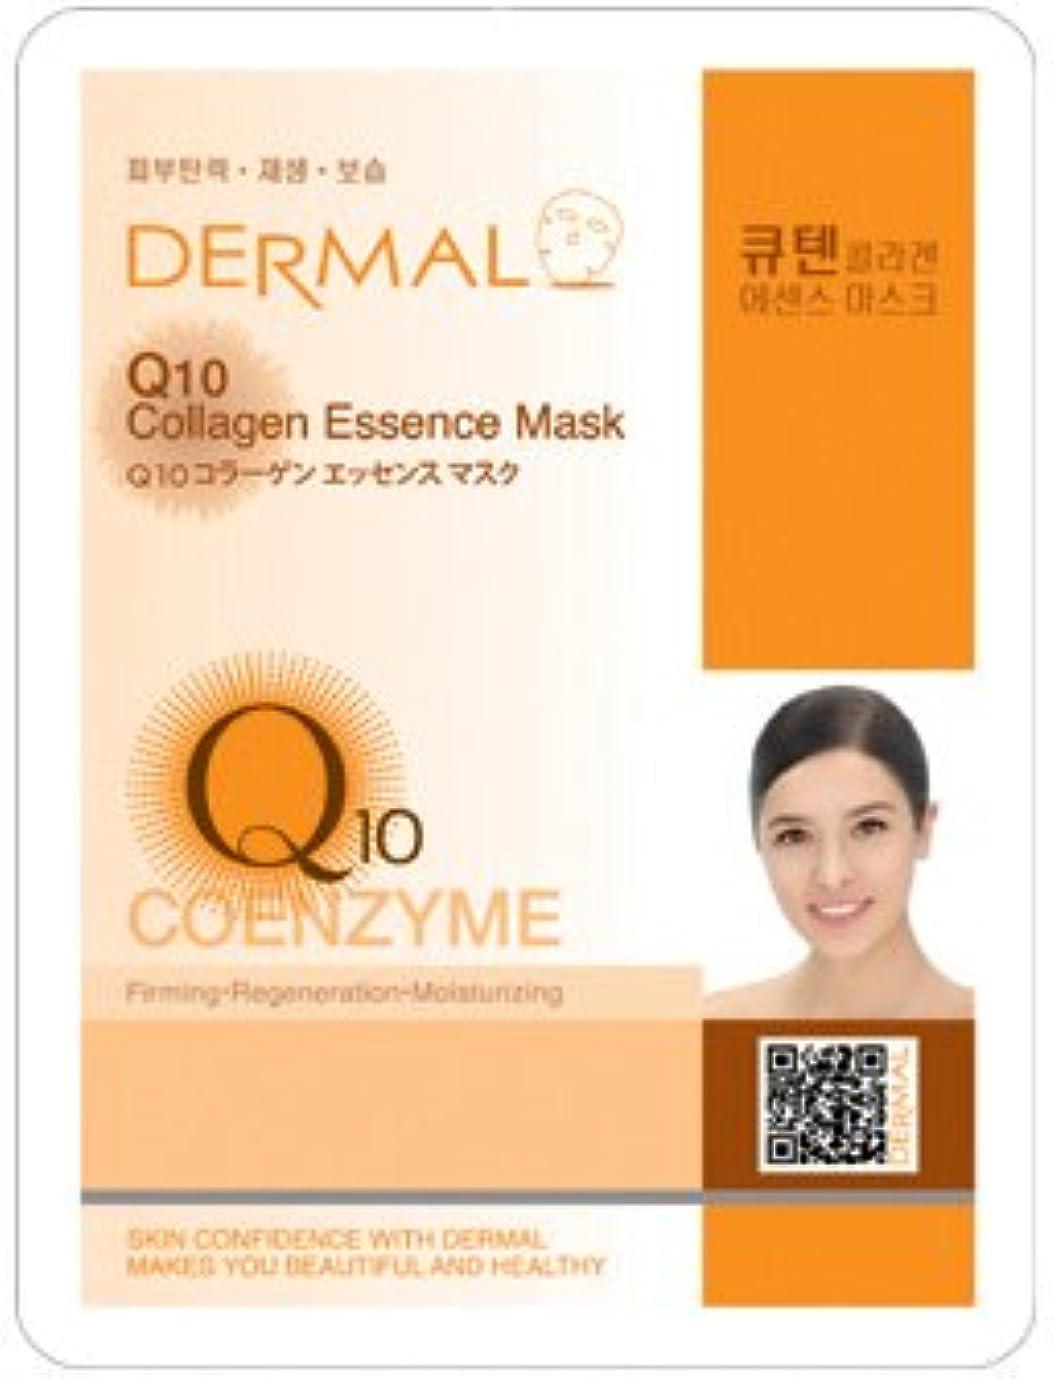 ブレス広げる違反するシートマスク Q10 コエンザイム 10枚セット ダーマル(Dermal) フェイス パック